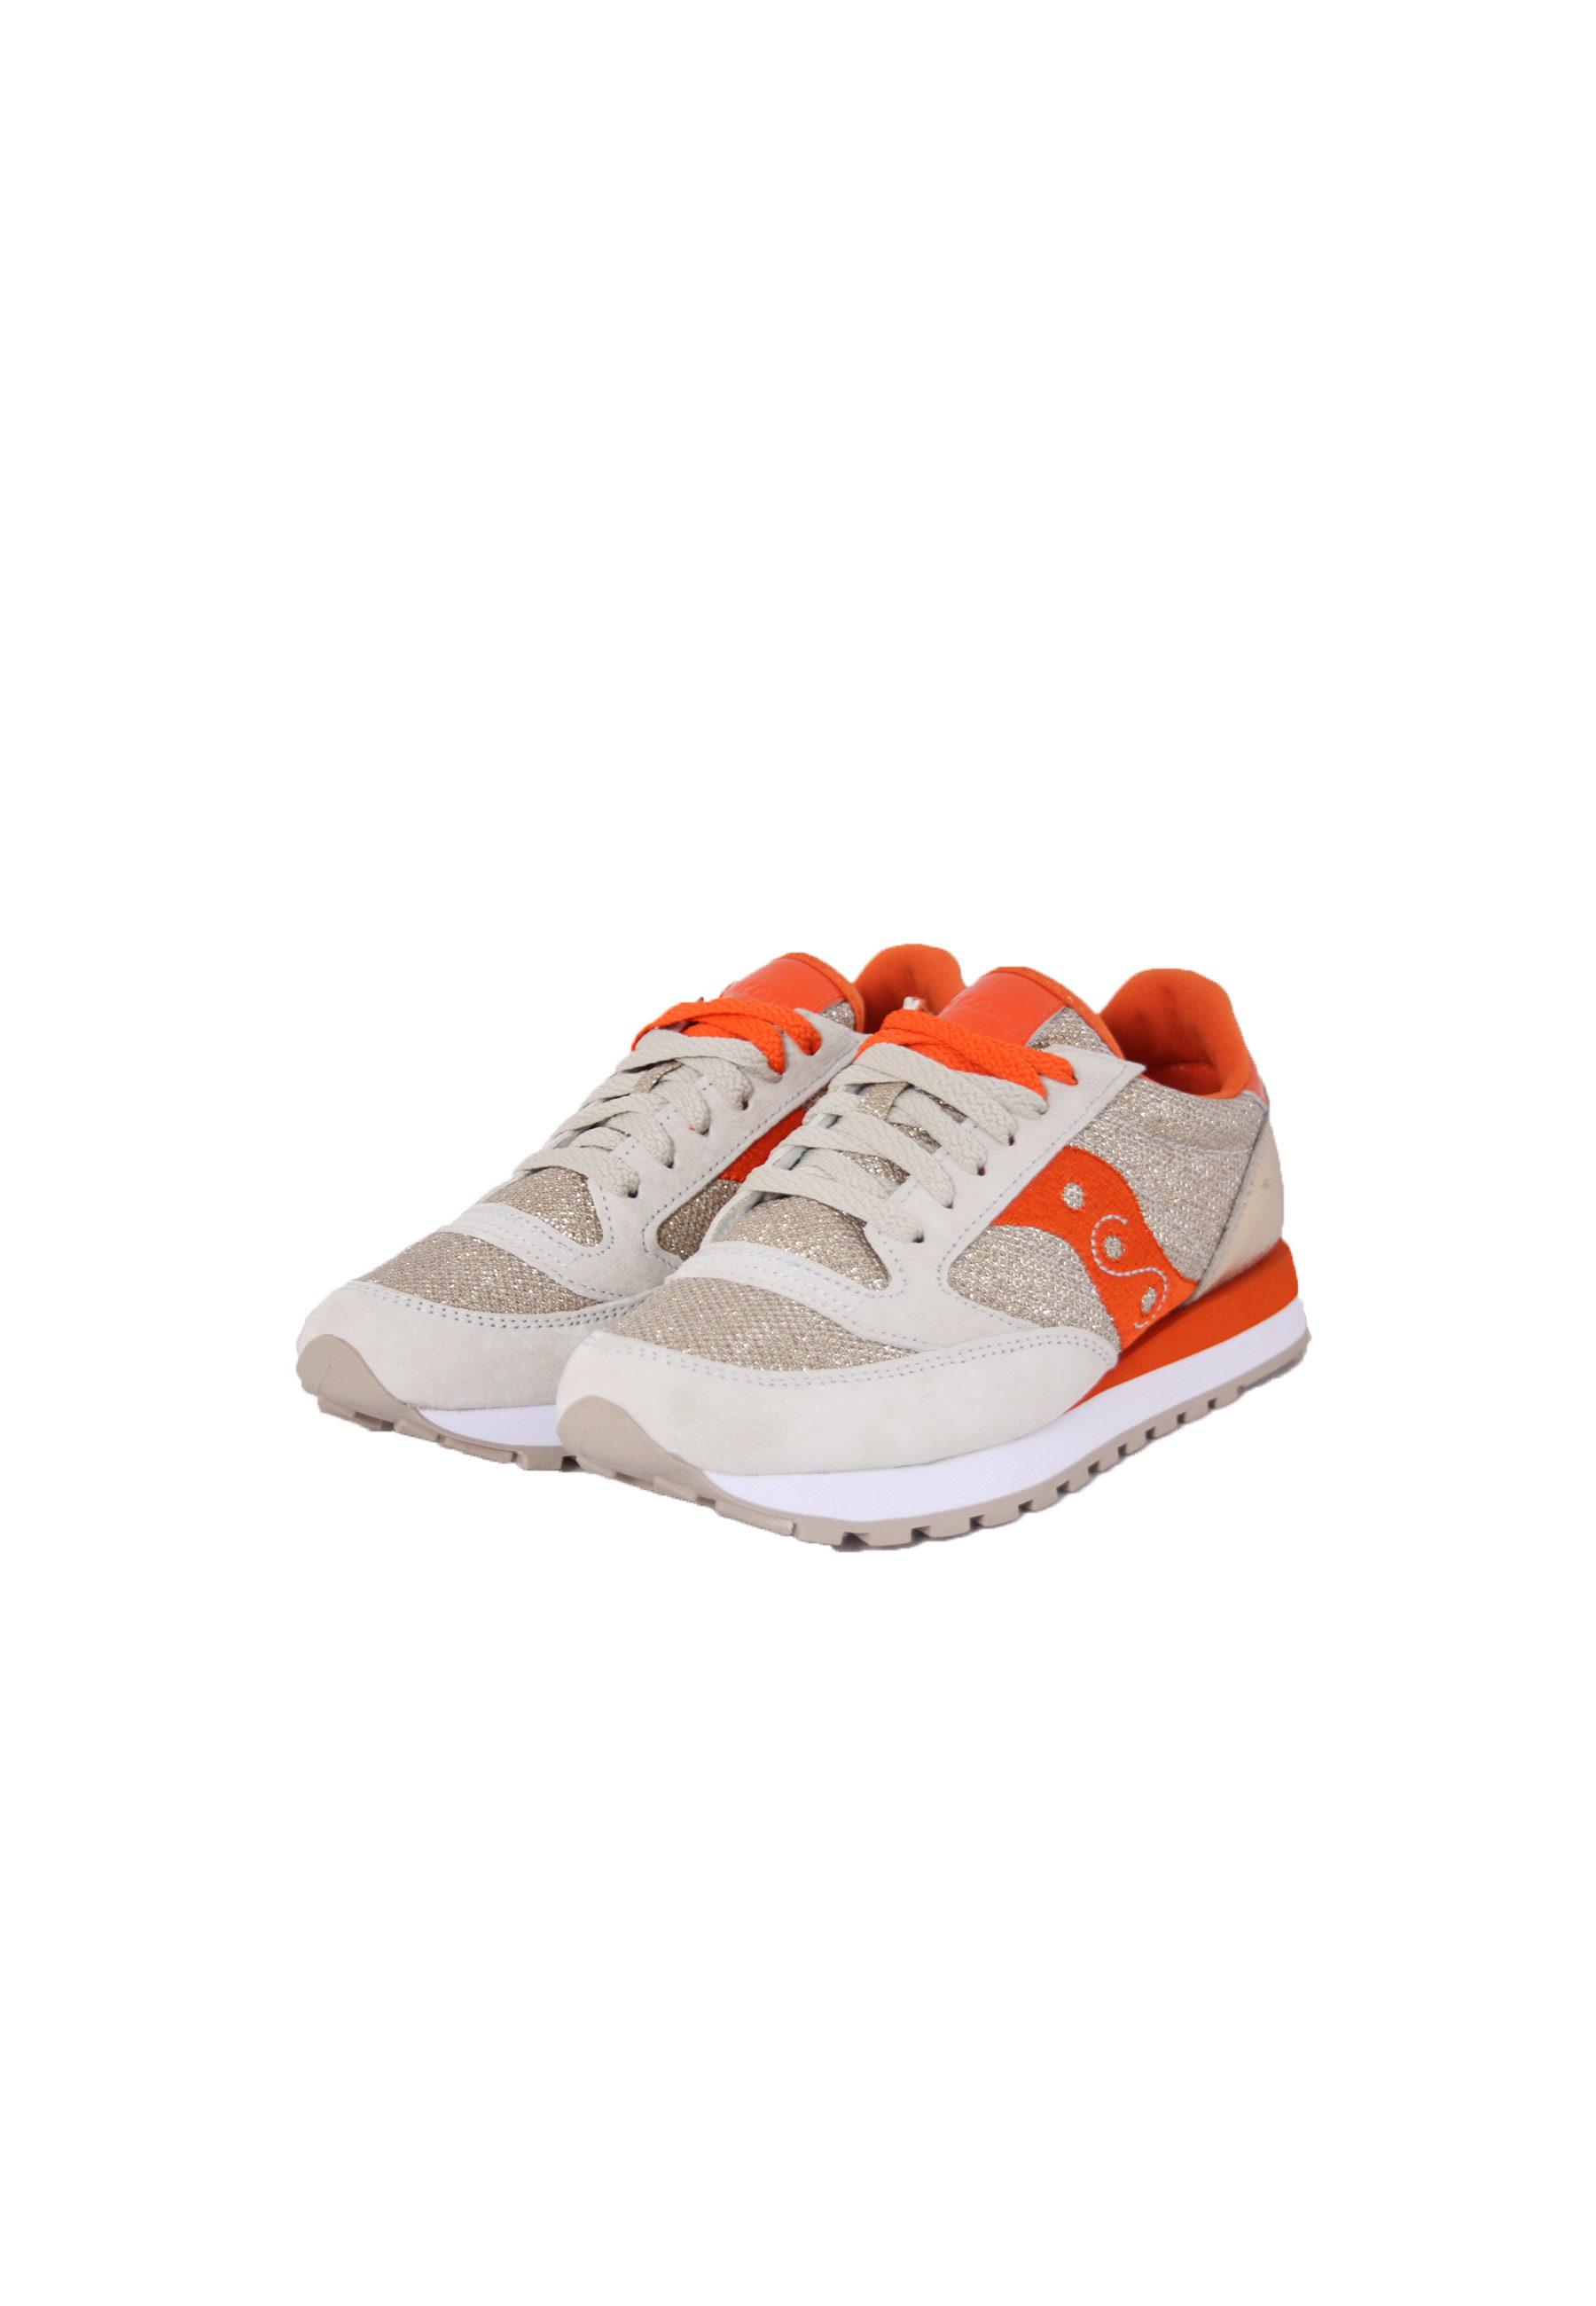 il migliore belle scarpe prezzi economici SAUCONY SCARPA 60450 - Marino Boutique